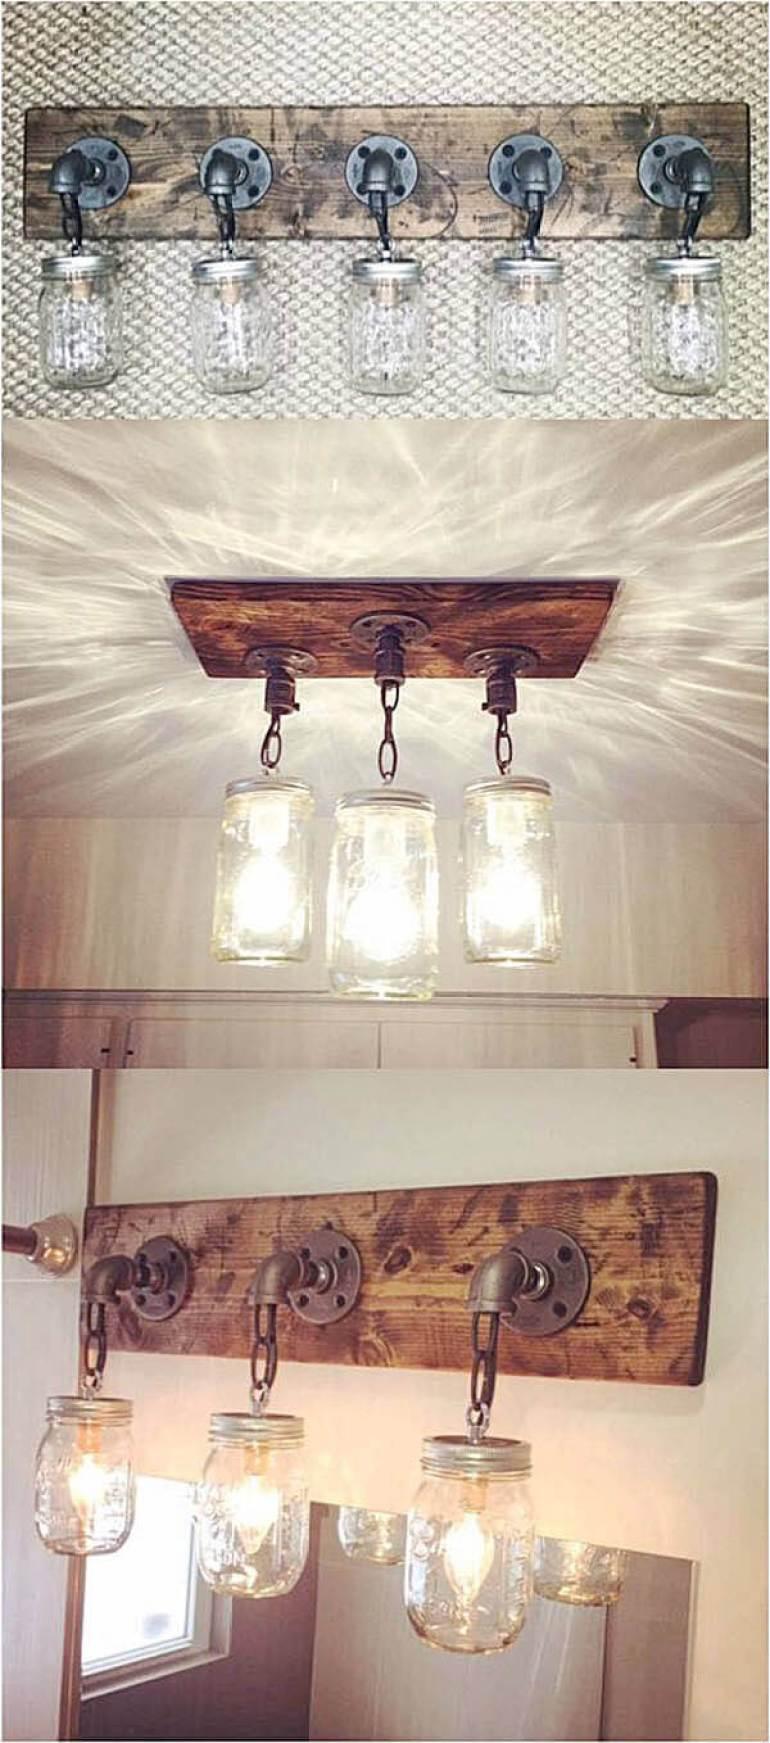 Farmhouse Bathroom Decor Ideas - DIY Mason Jar Light Fixtures - harpmagazine.com